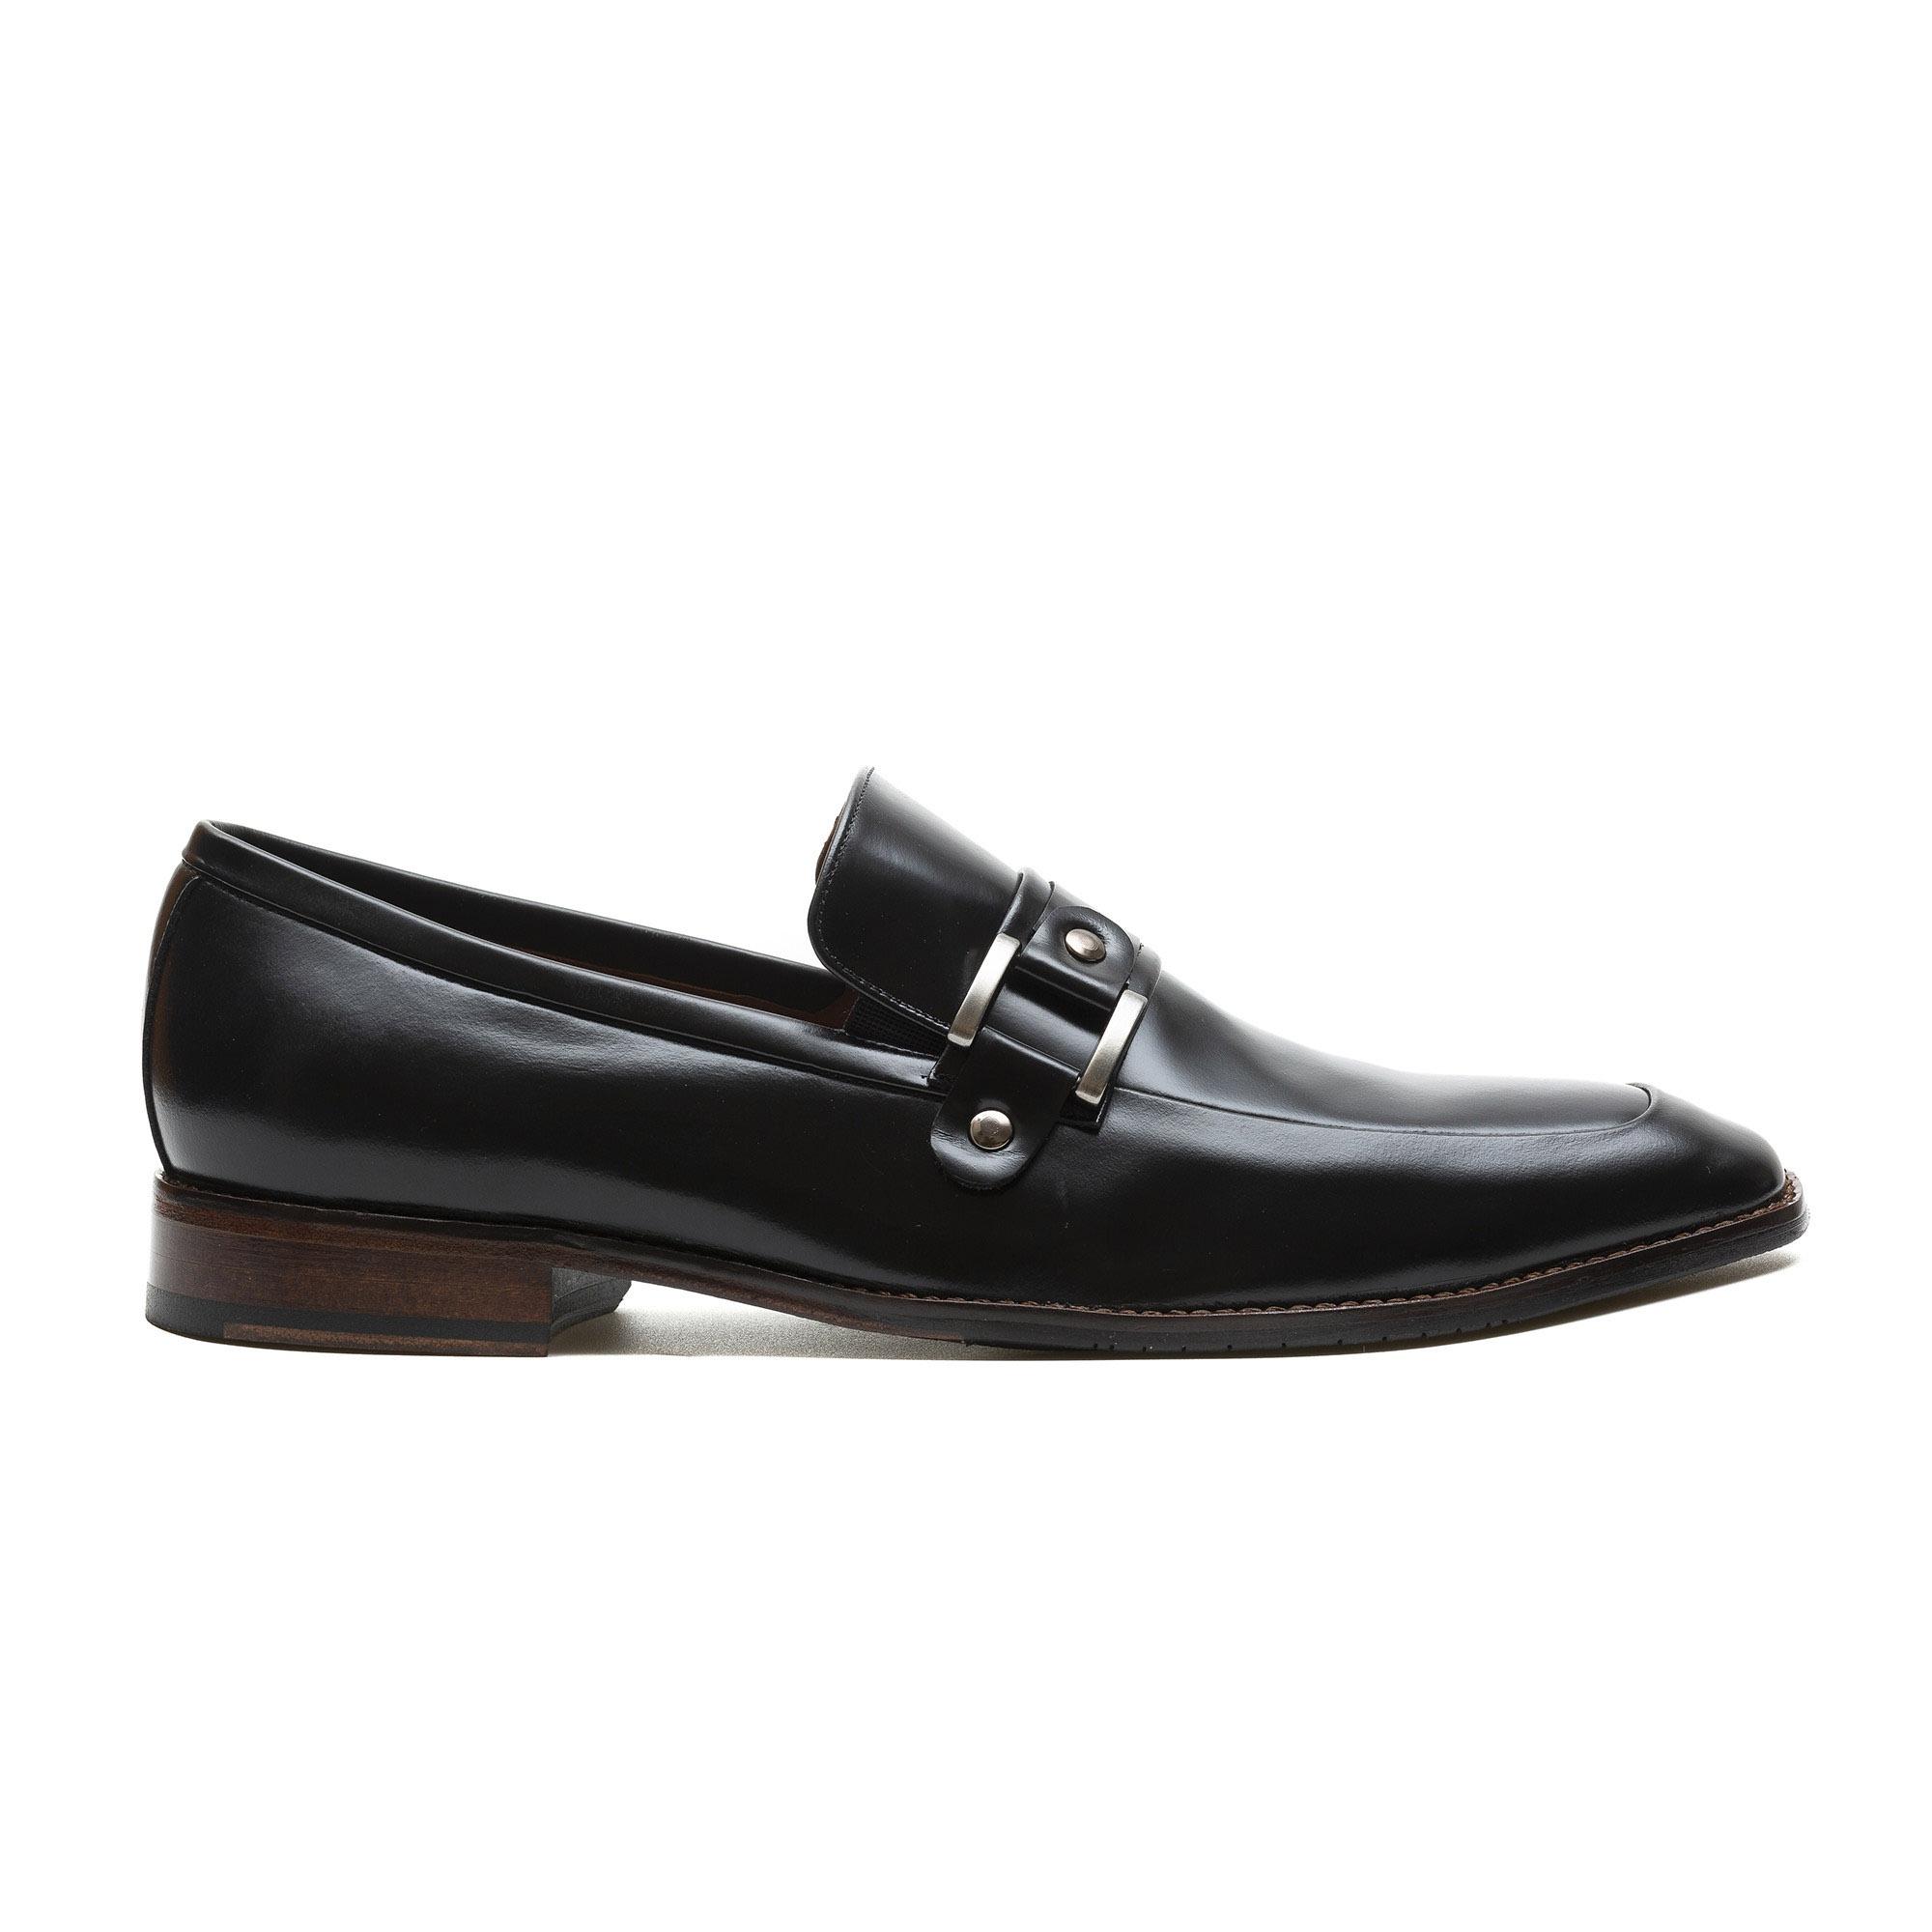 Sapato Loafer Masculino Marshell Preto